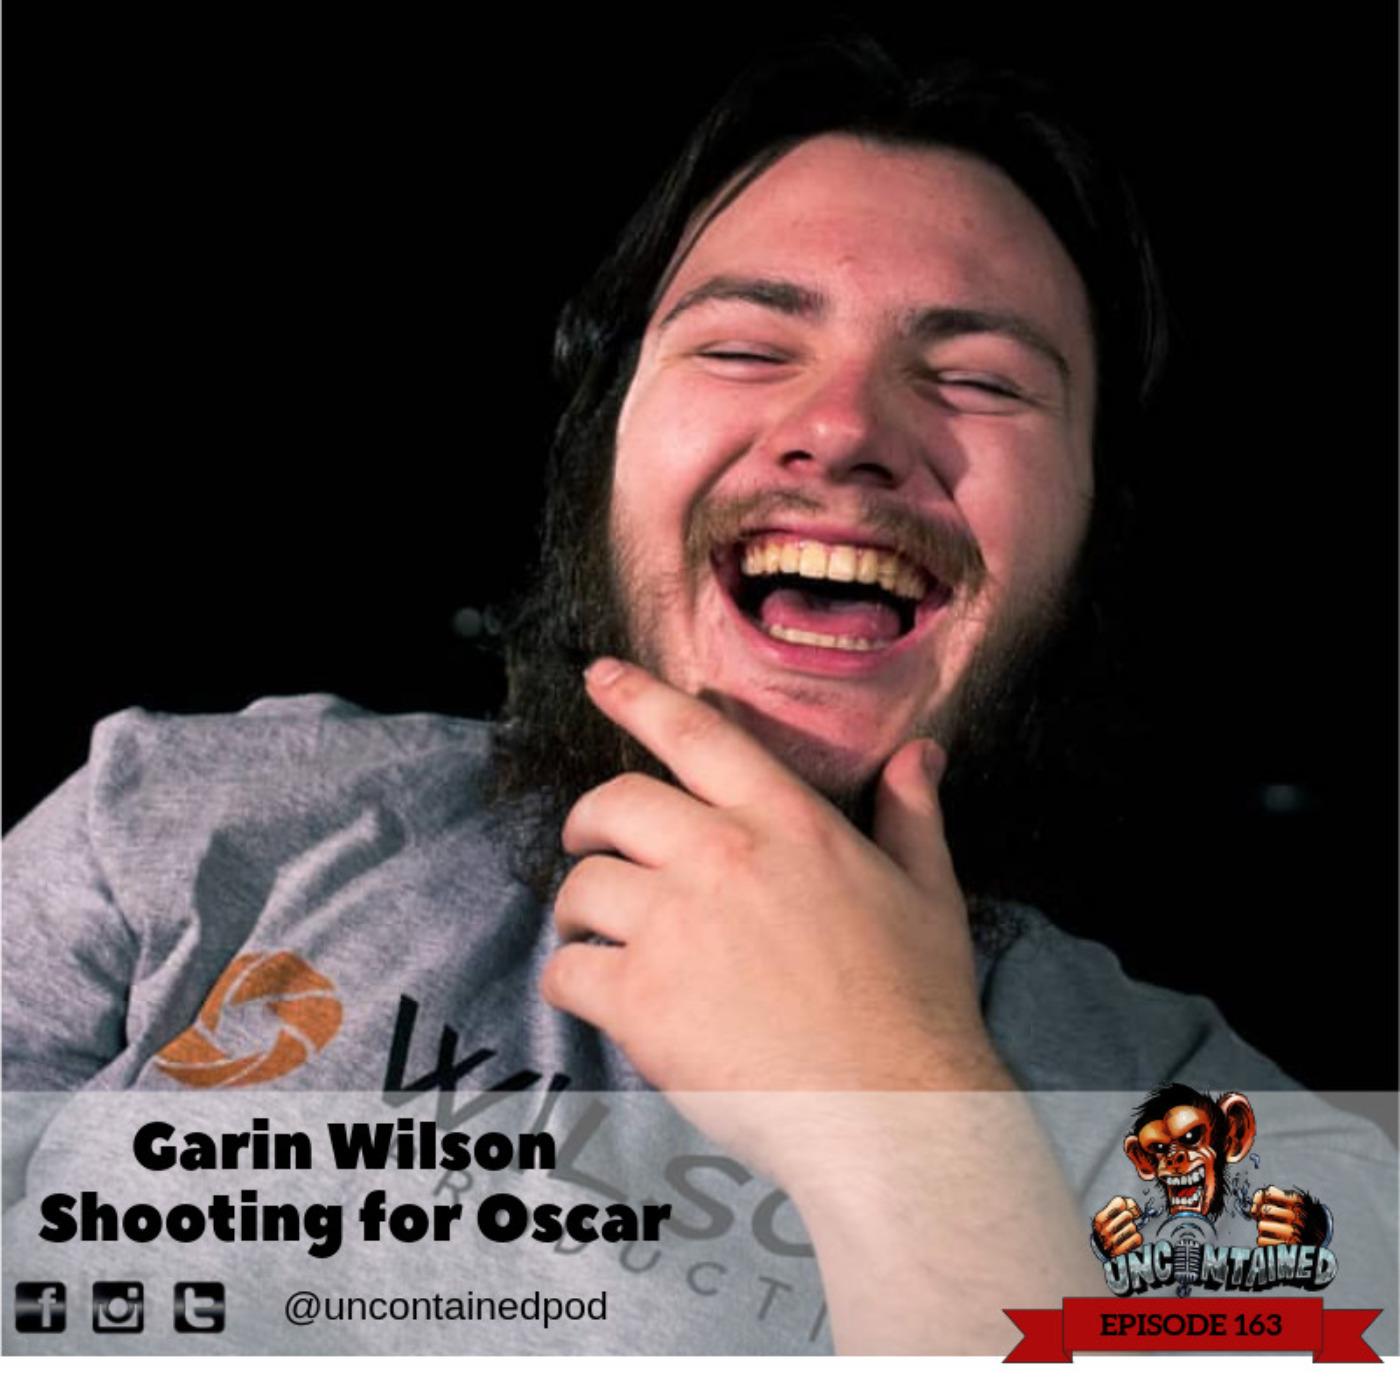 Episode 163: Garin Wilson - Shooting For Oscar